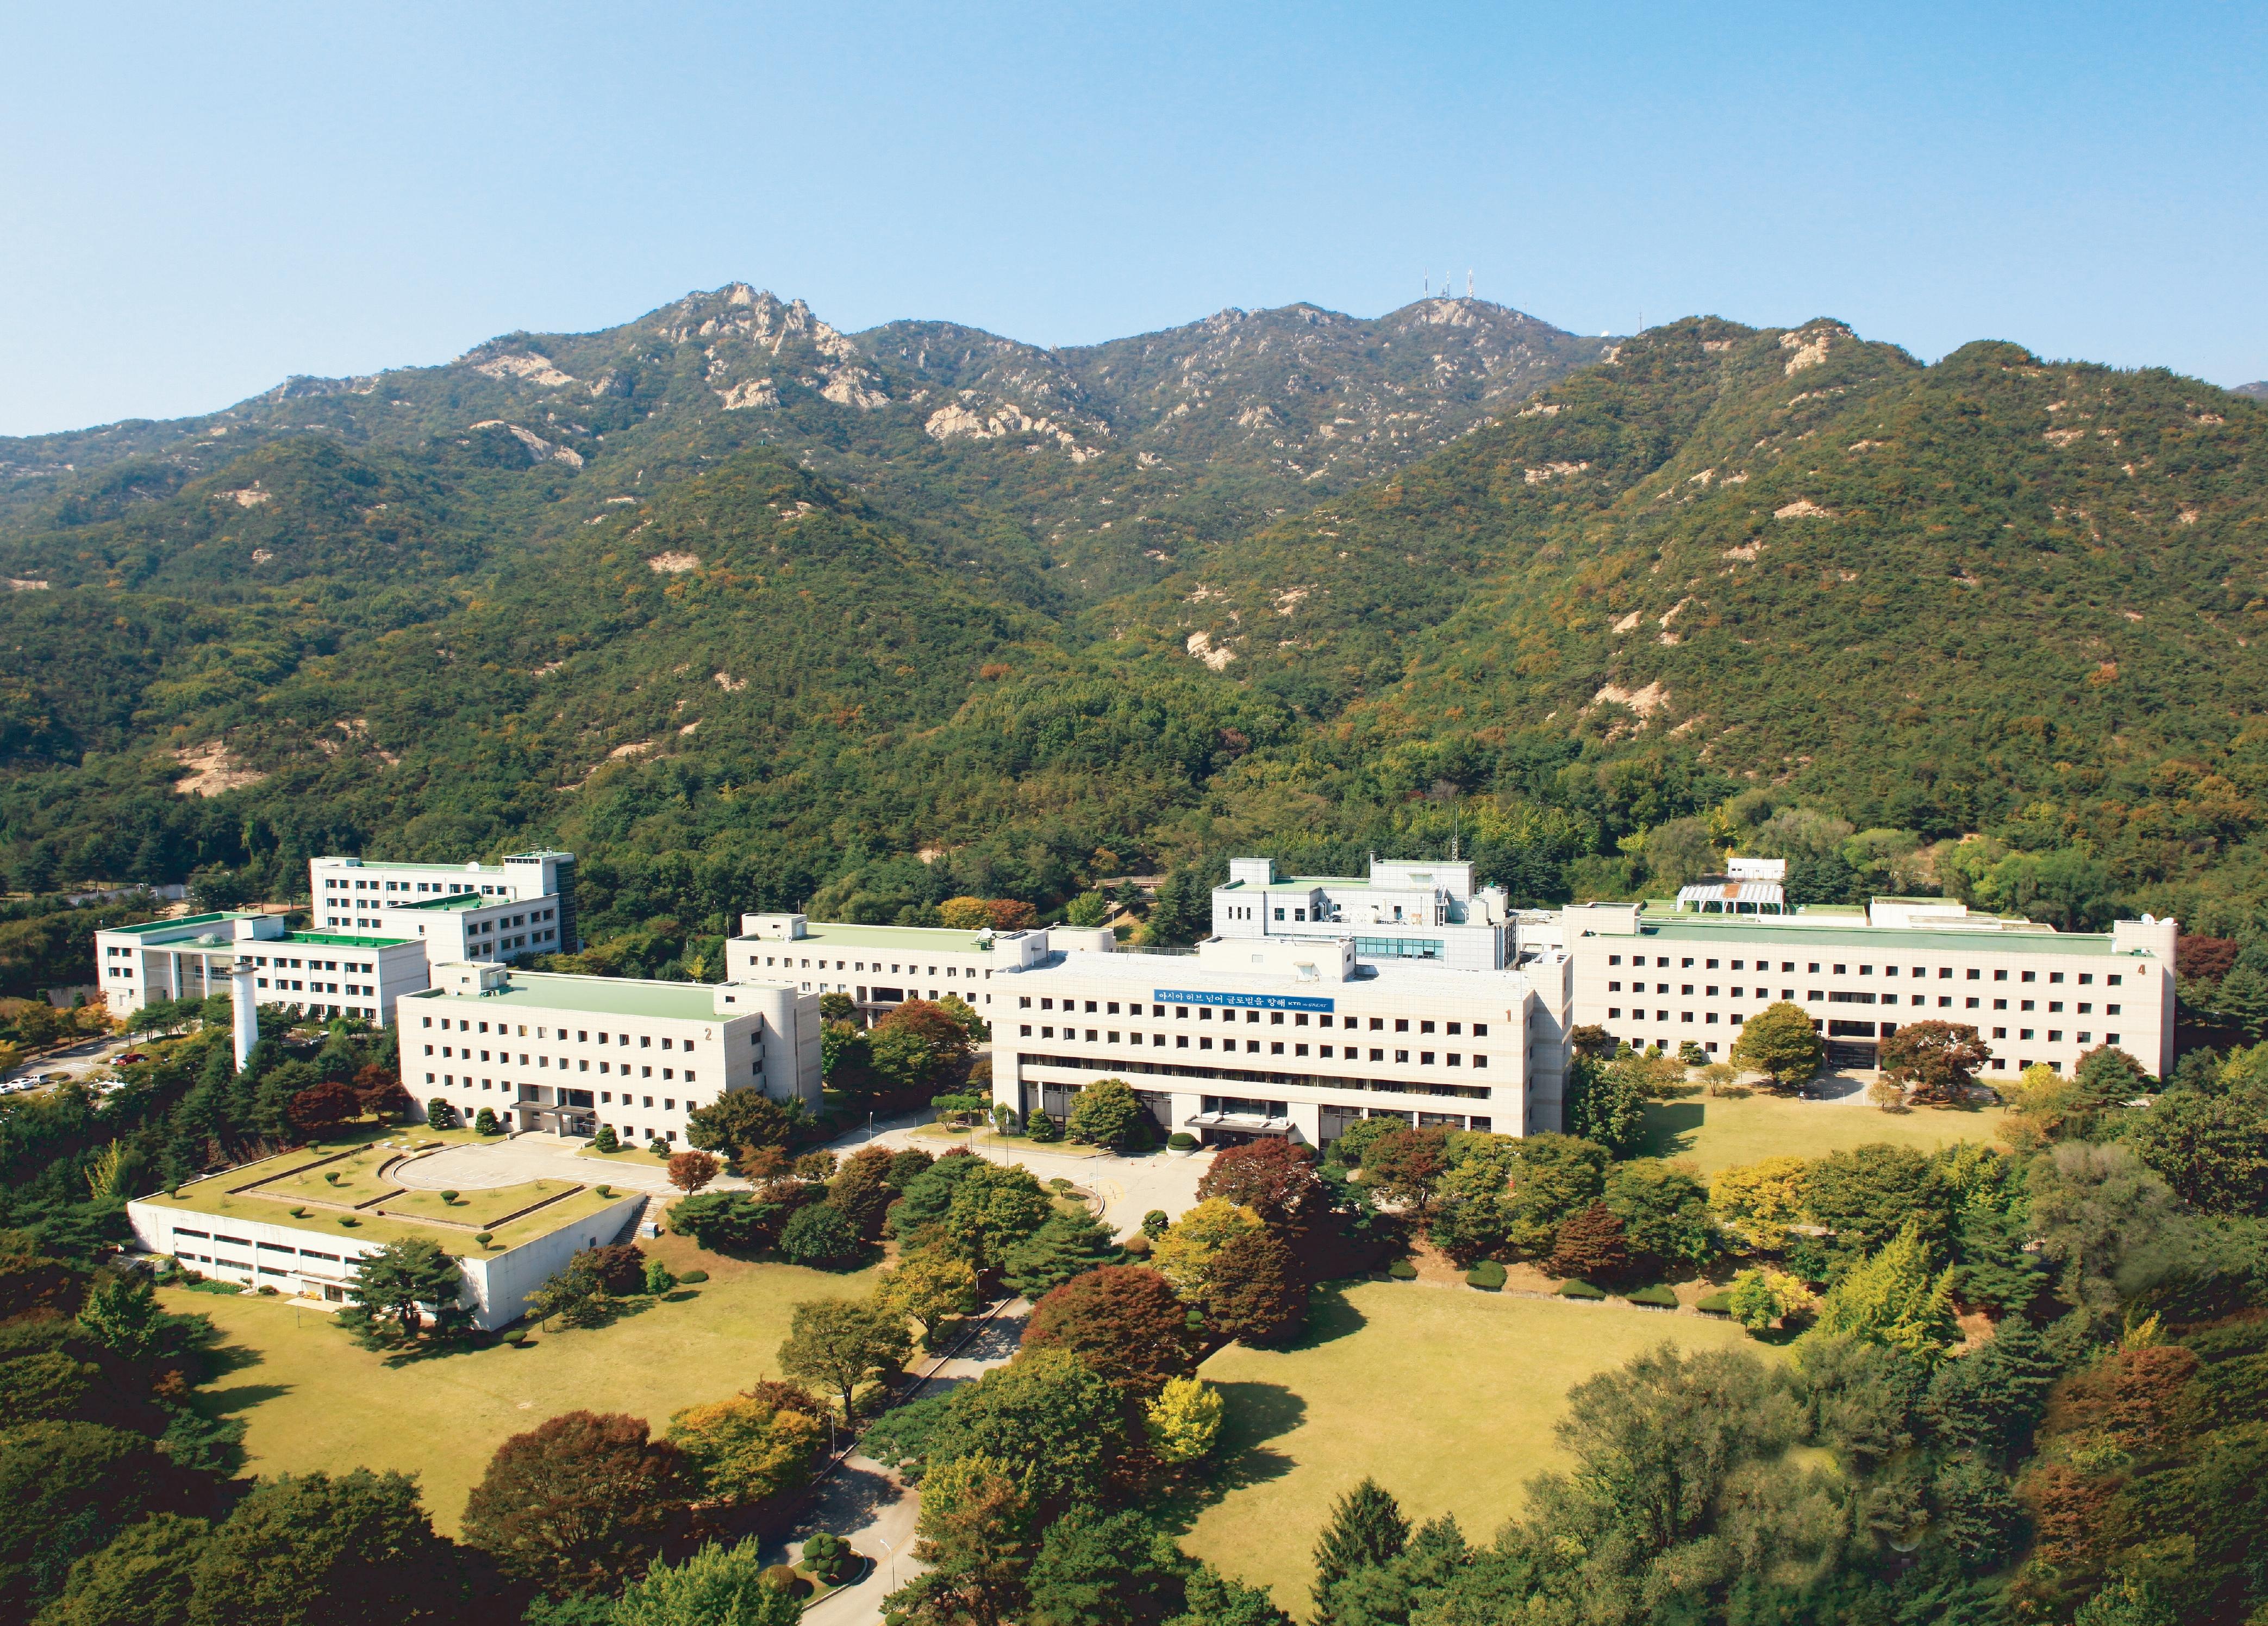 Korea Testing & Research Institute - Wikipedia